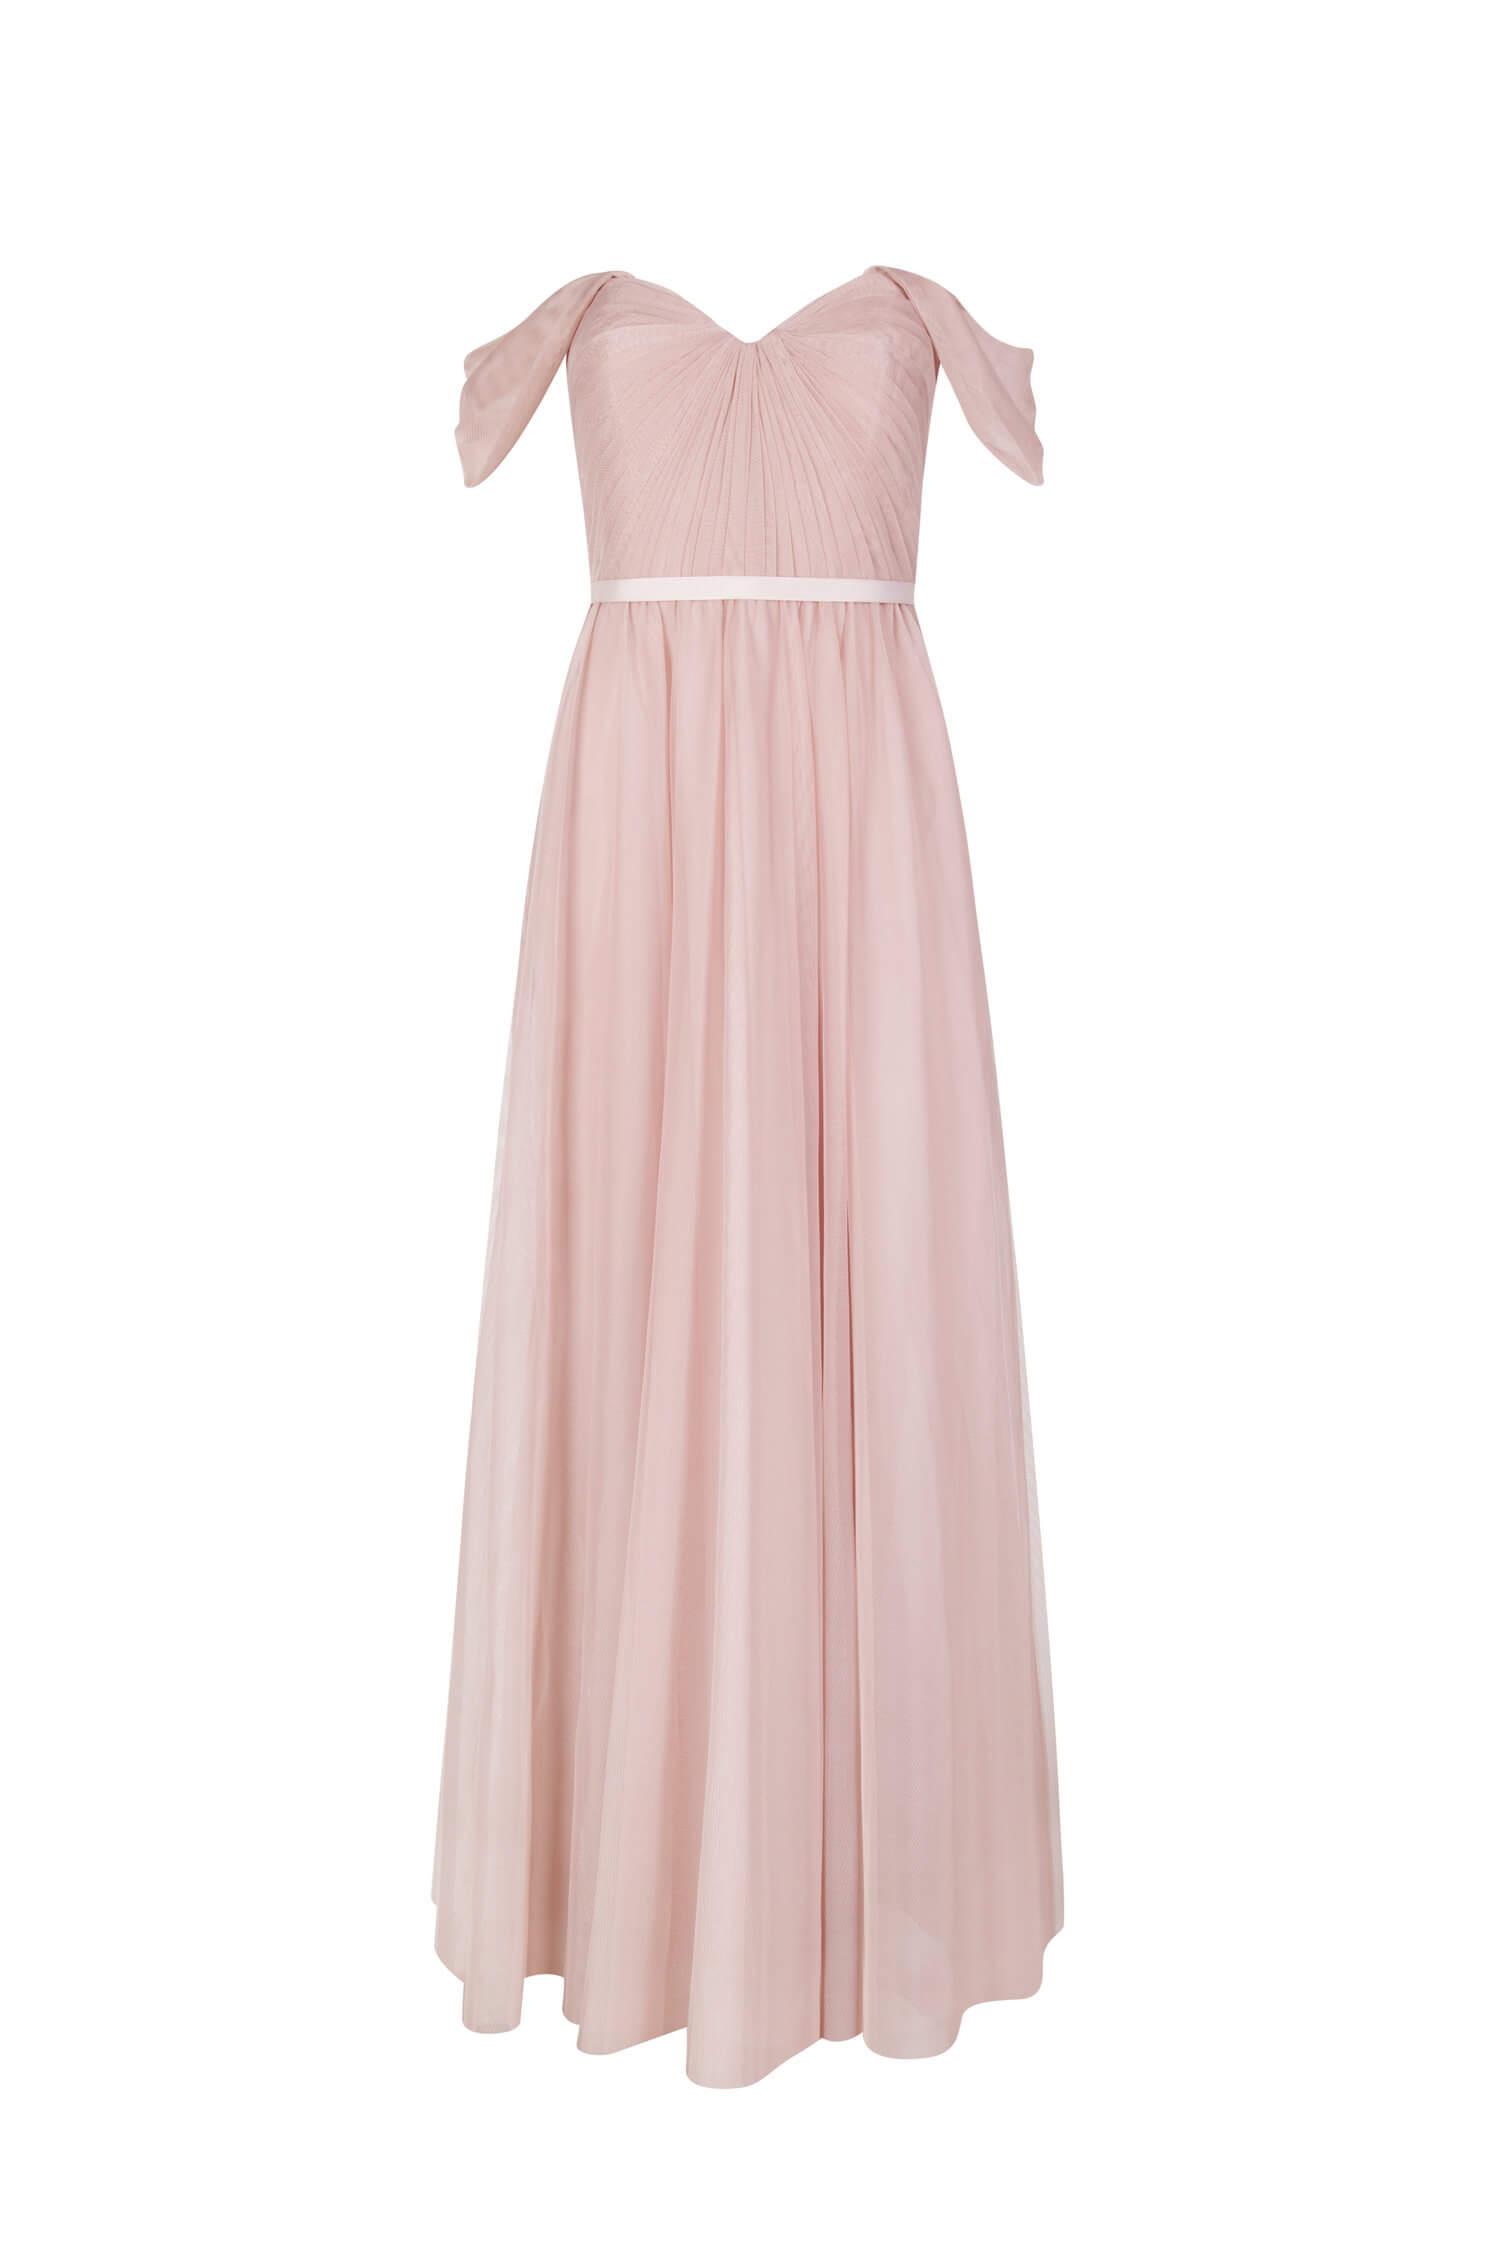 TH&H Bardot Bridesmaid Dress TH&H Bridesmaid Dress Blush